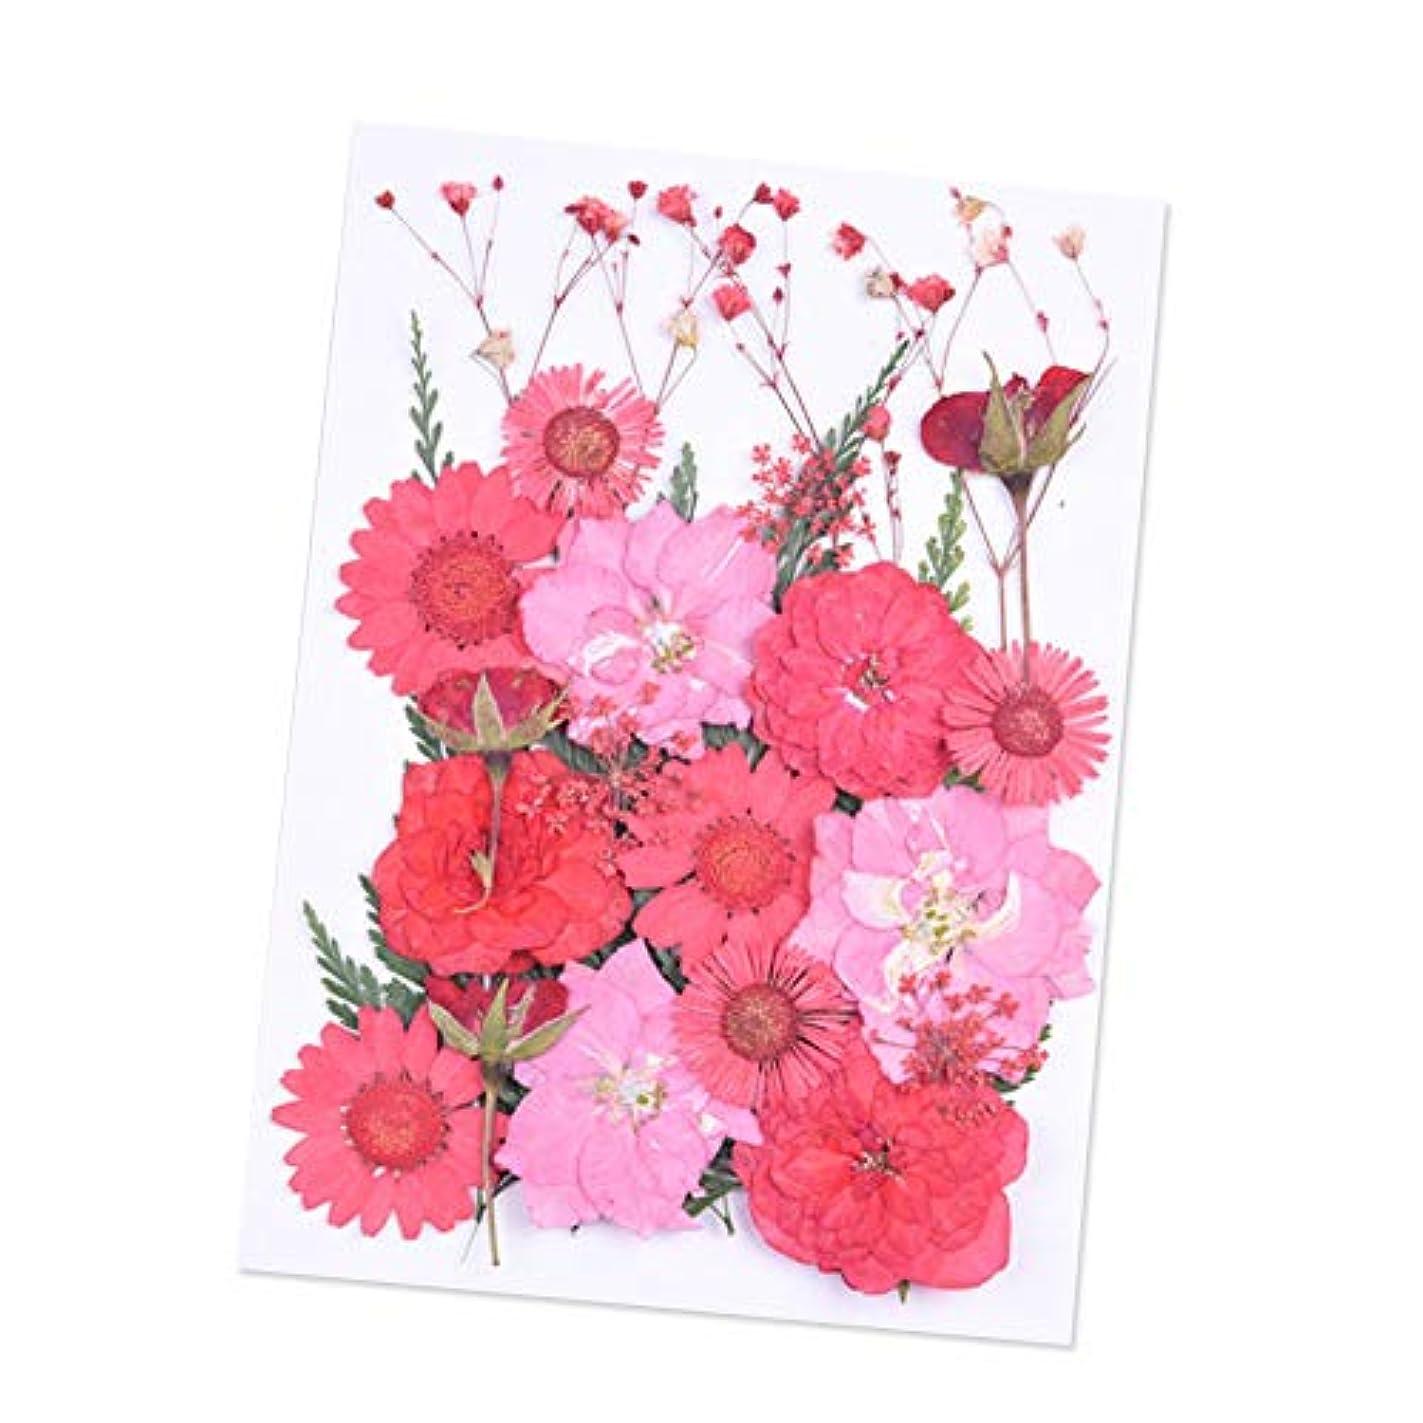 うぬぼれ可決改善するDried Flowers,ZOZOE Natural Real Dried Flowers Flower Kit Flower Petals and Buds DIY Silicone Coaster Resin Molds Pressed Flower Dried Flowers Art Crafts Scrapbooking Decor Multifunctional